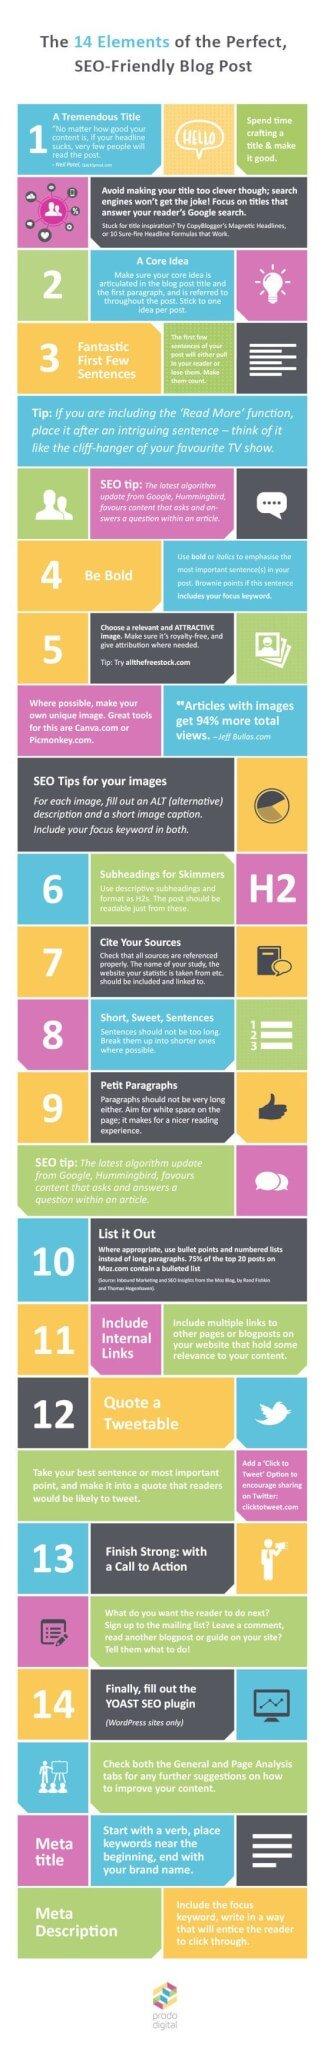 elementos de un post amigable con el SEO #infografía